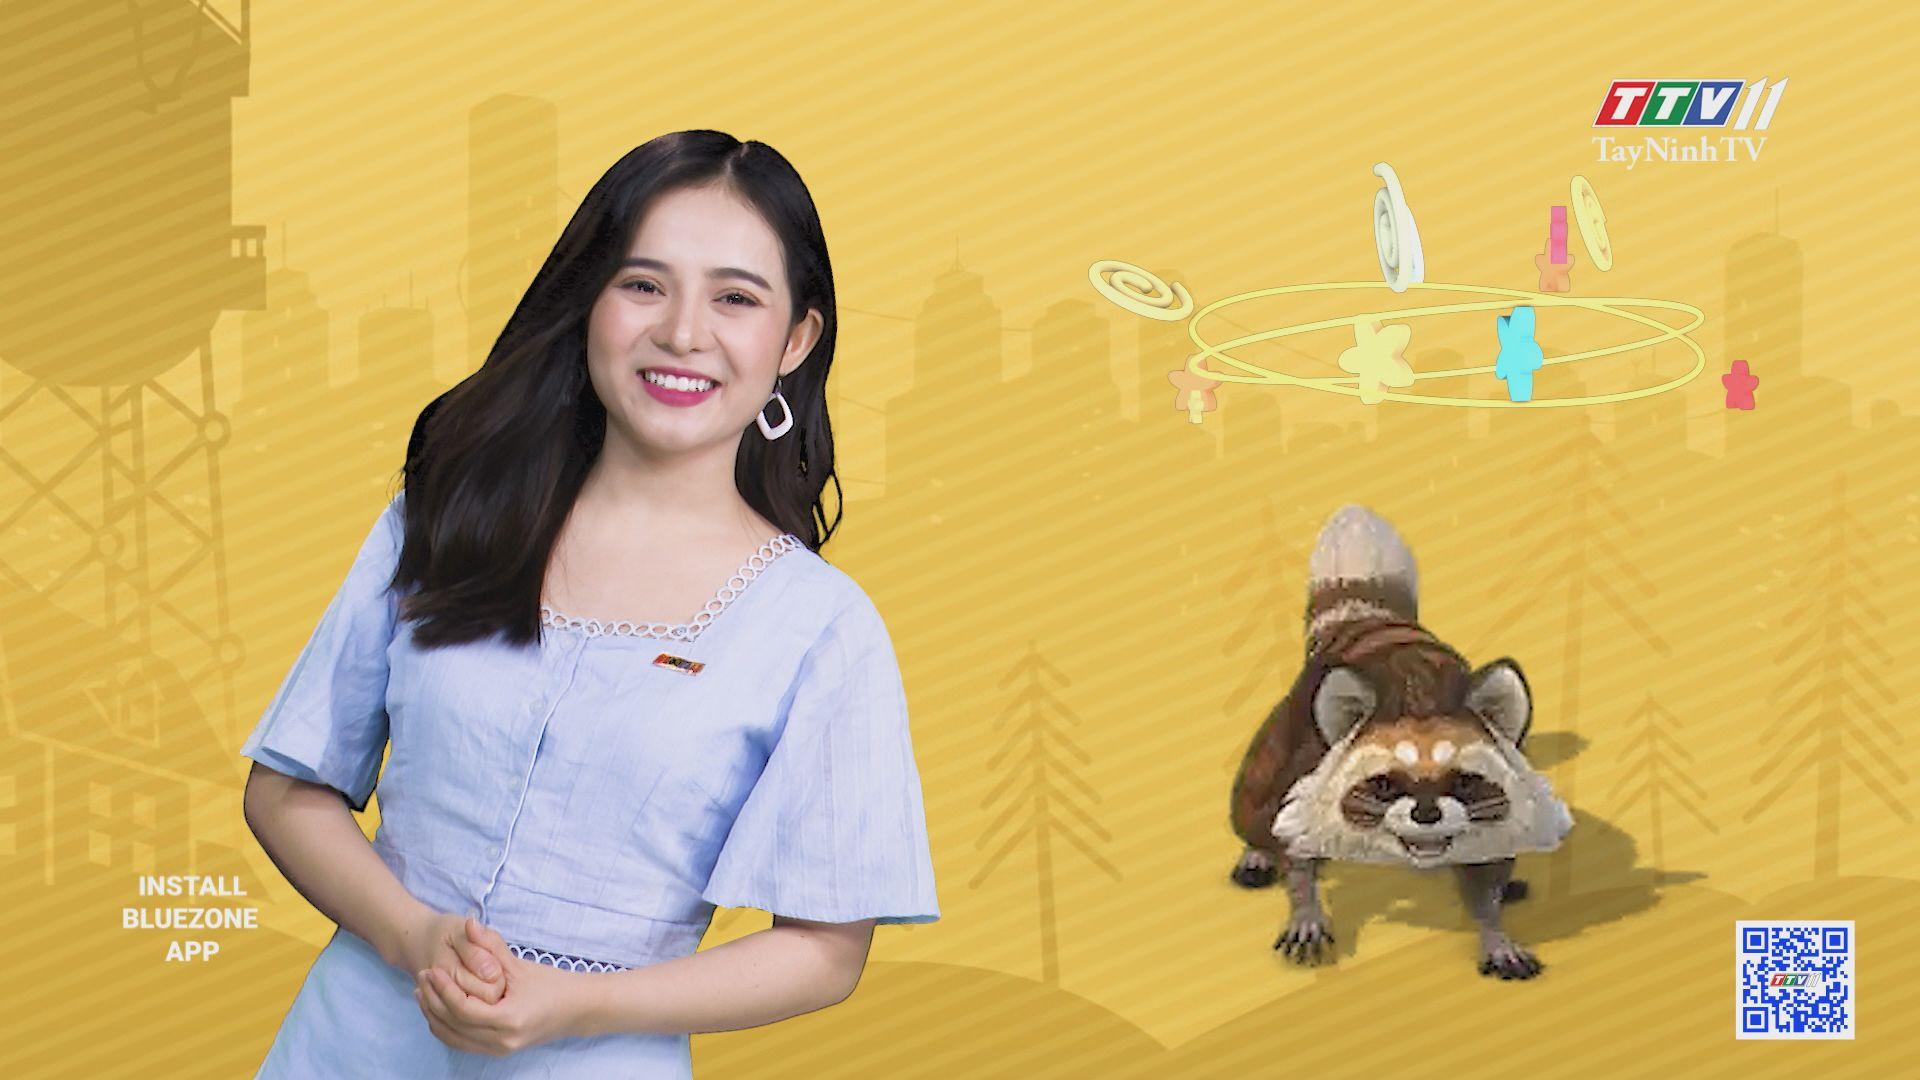 Chú gấu mèo Mỹ với những màn trình diễn độc đáo | CHUYỆN ĐÔNG TÂY KỲ THÚ | TayNinhTV